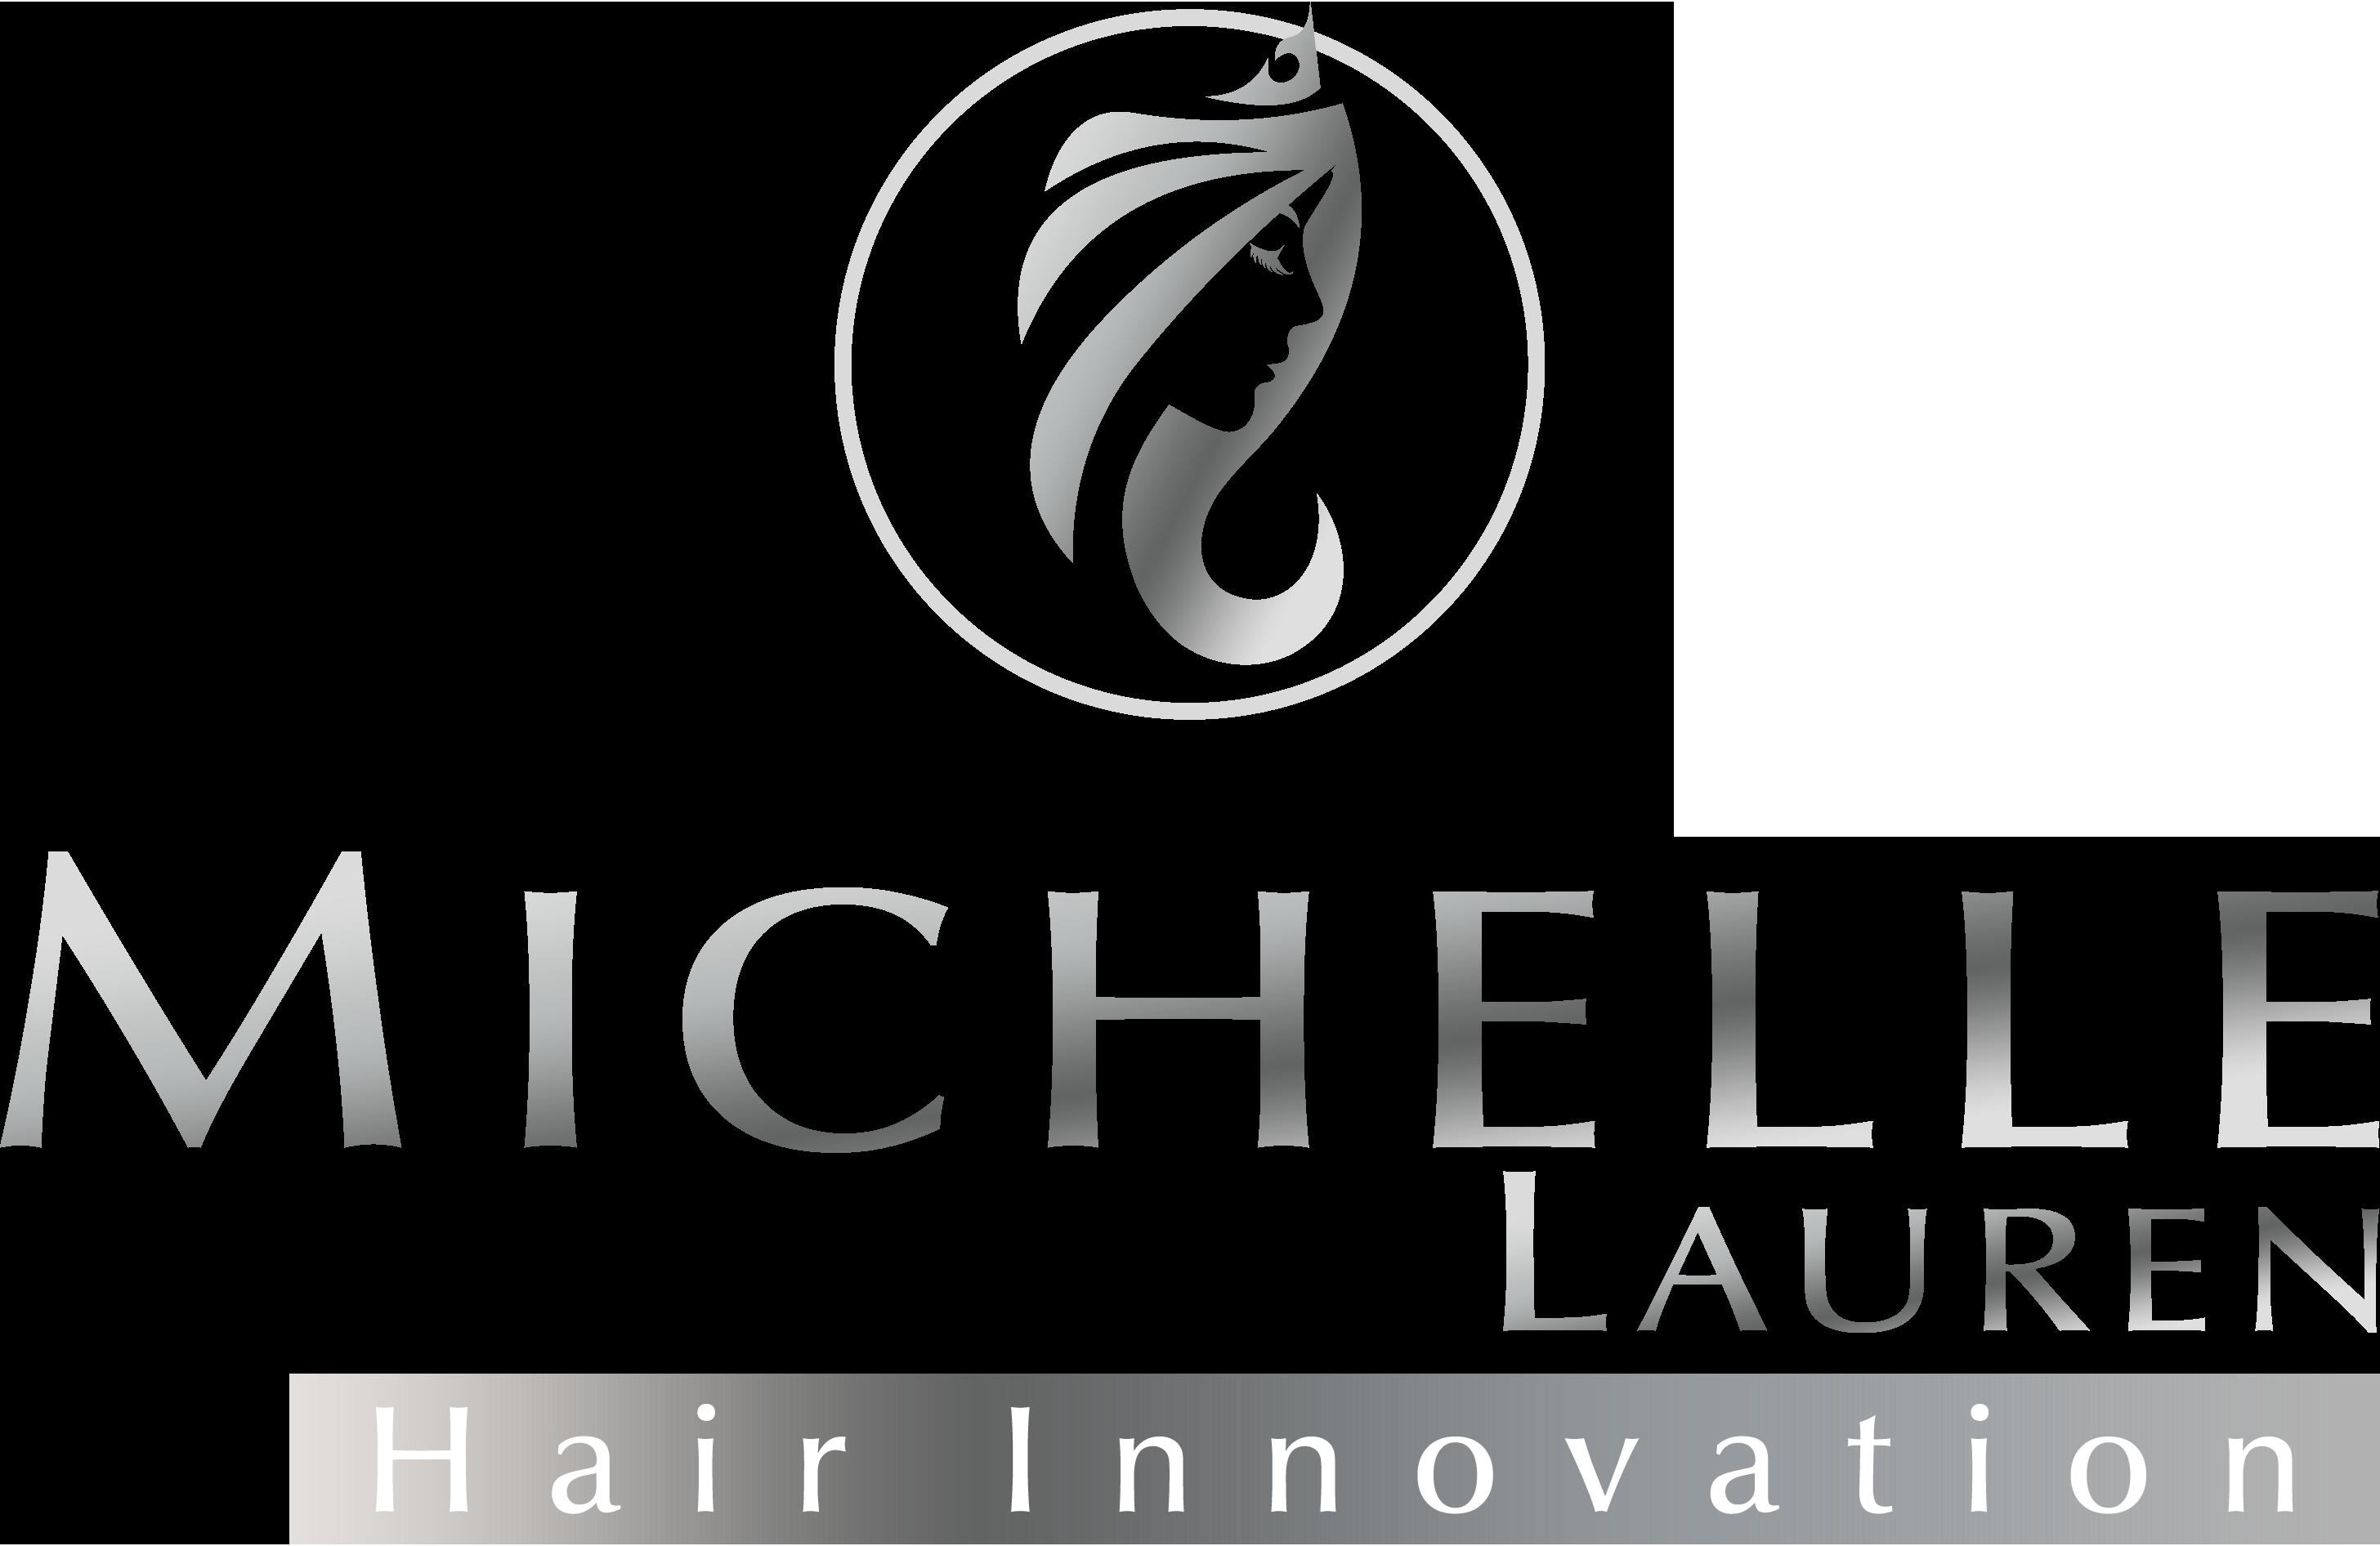 Michelle Lauren - Hair Innovation logo